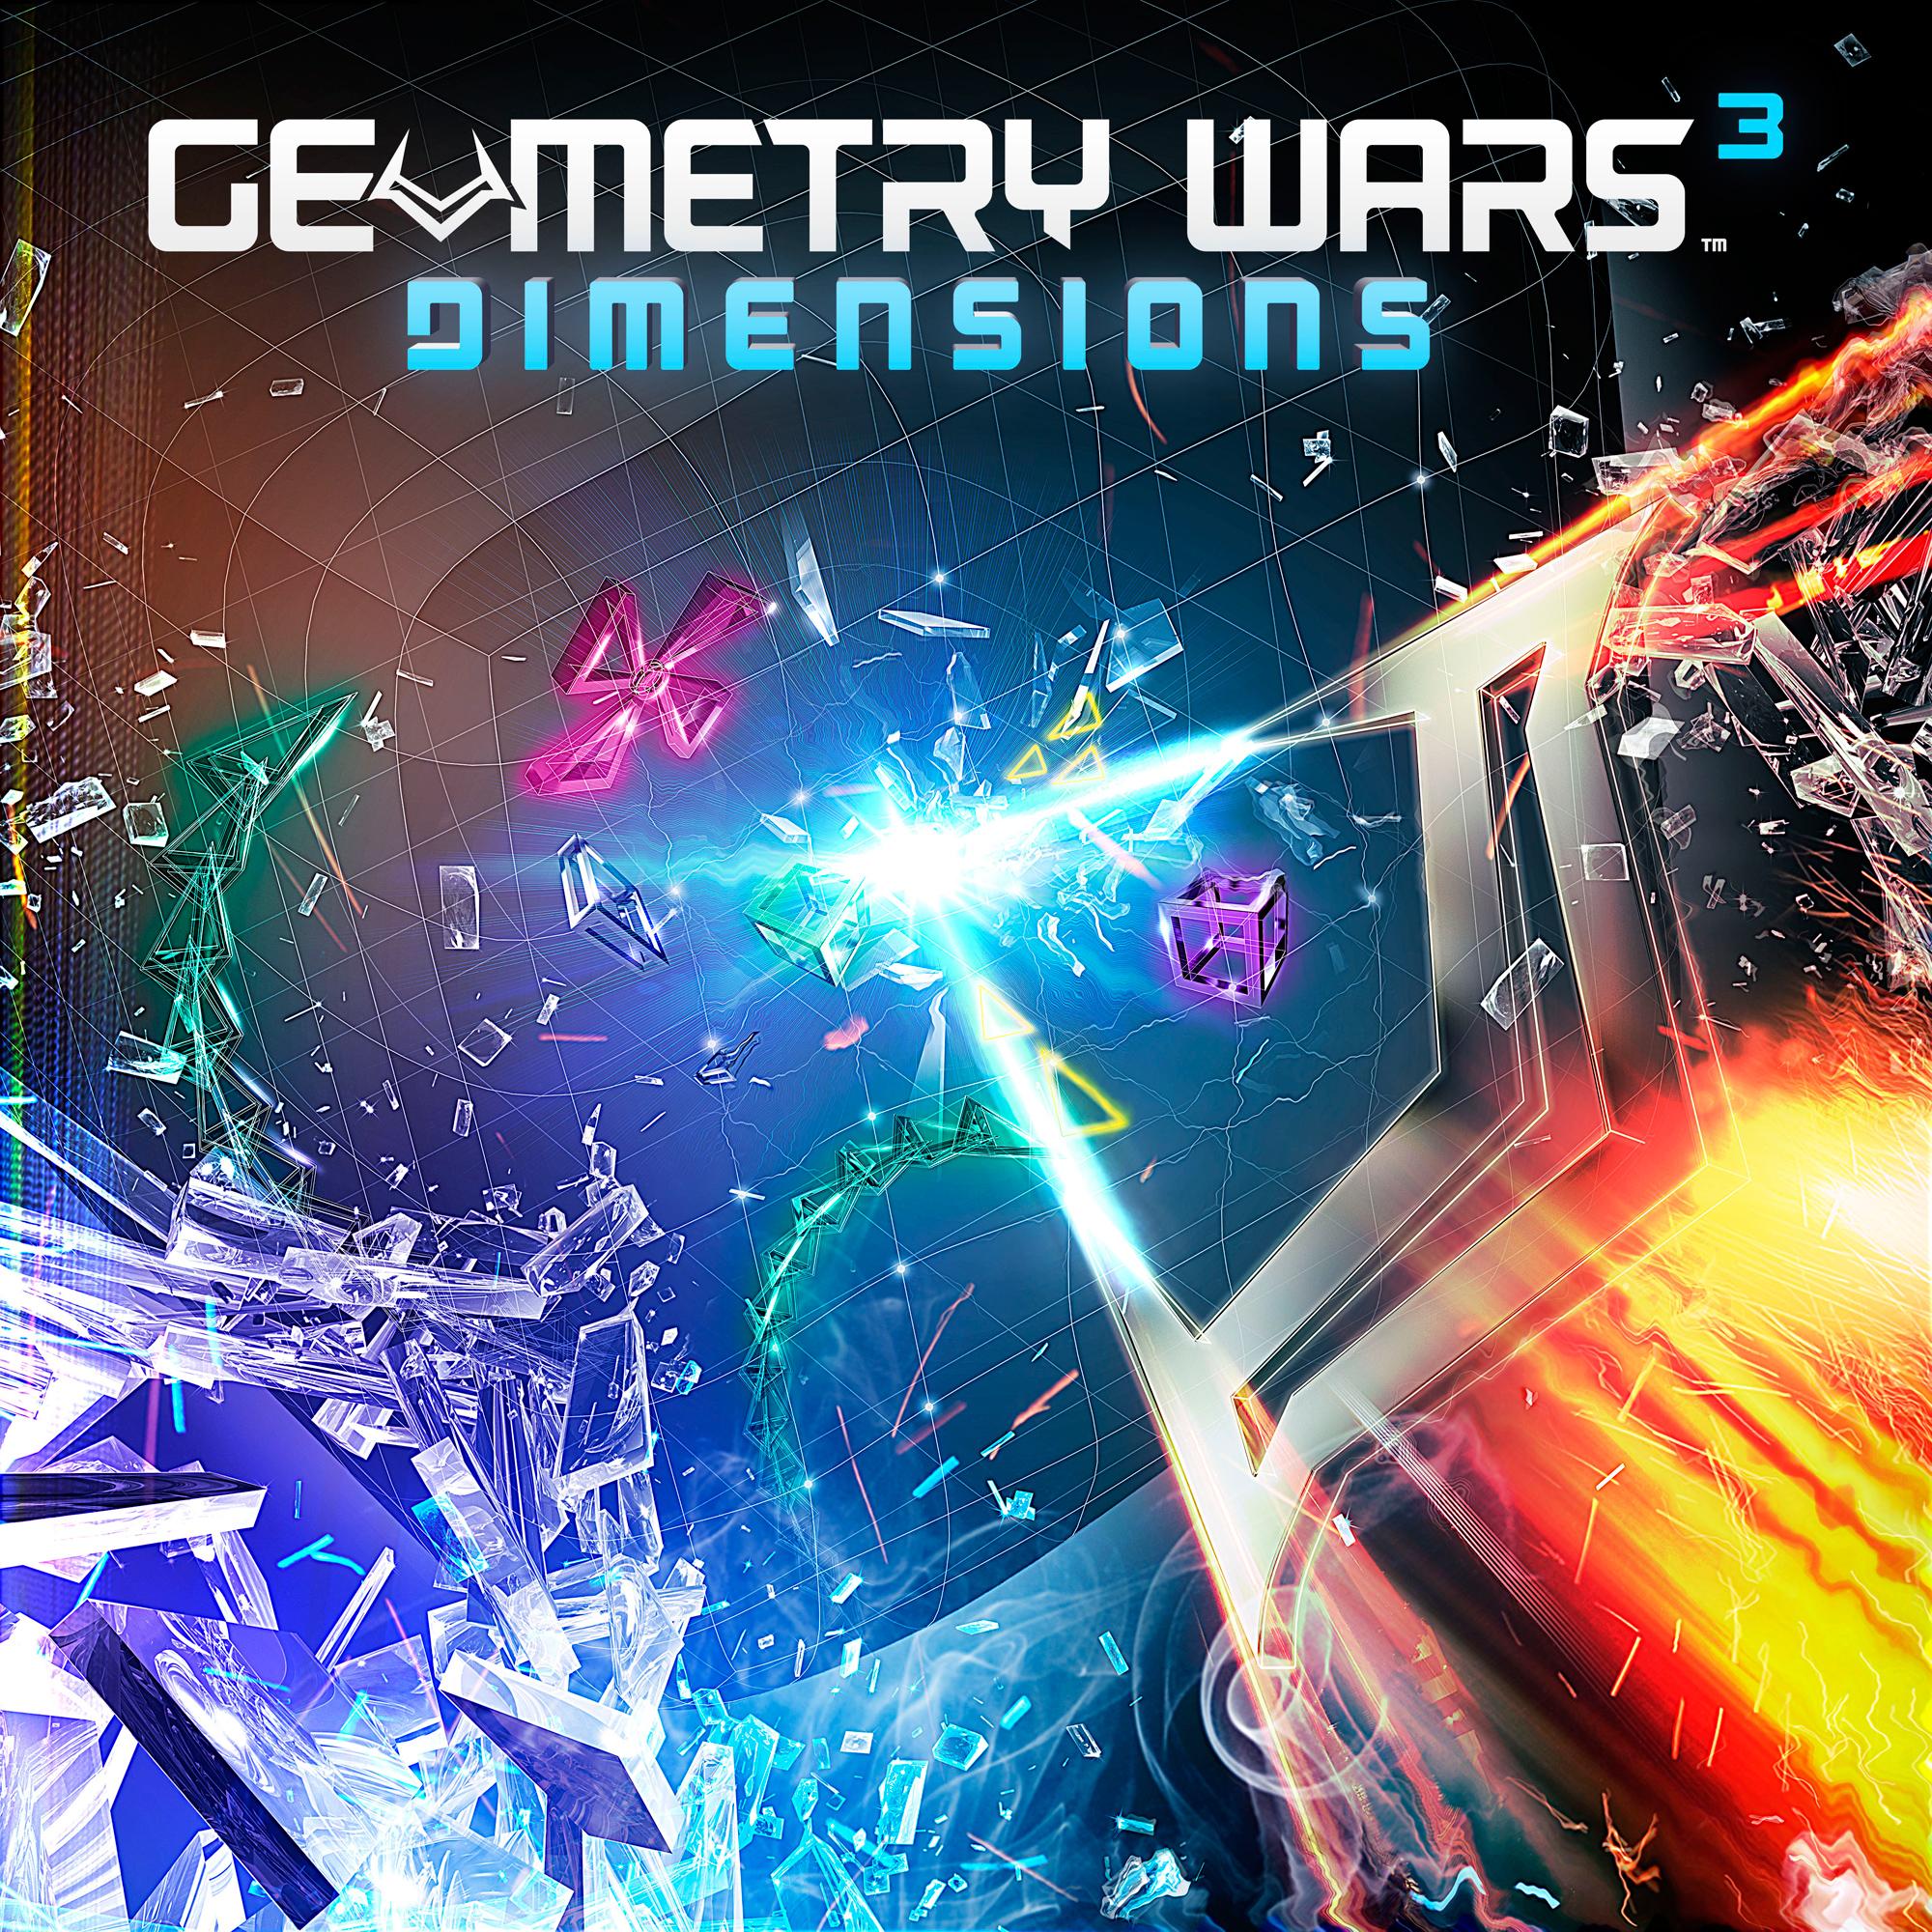 新作还加入了动态3d背景,简直酷炫   《几何 战 争3:维度》拥有全3d